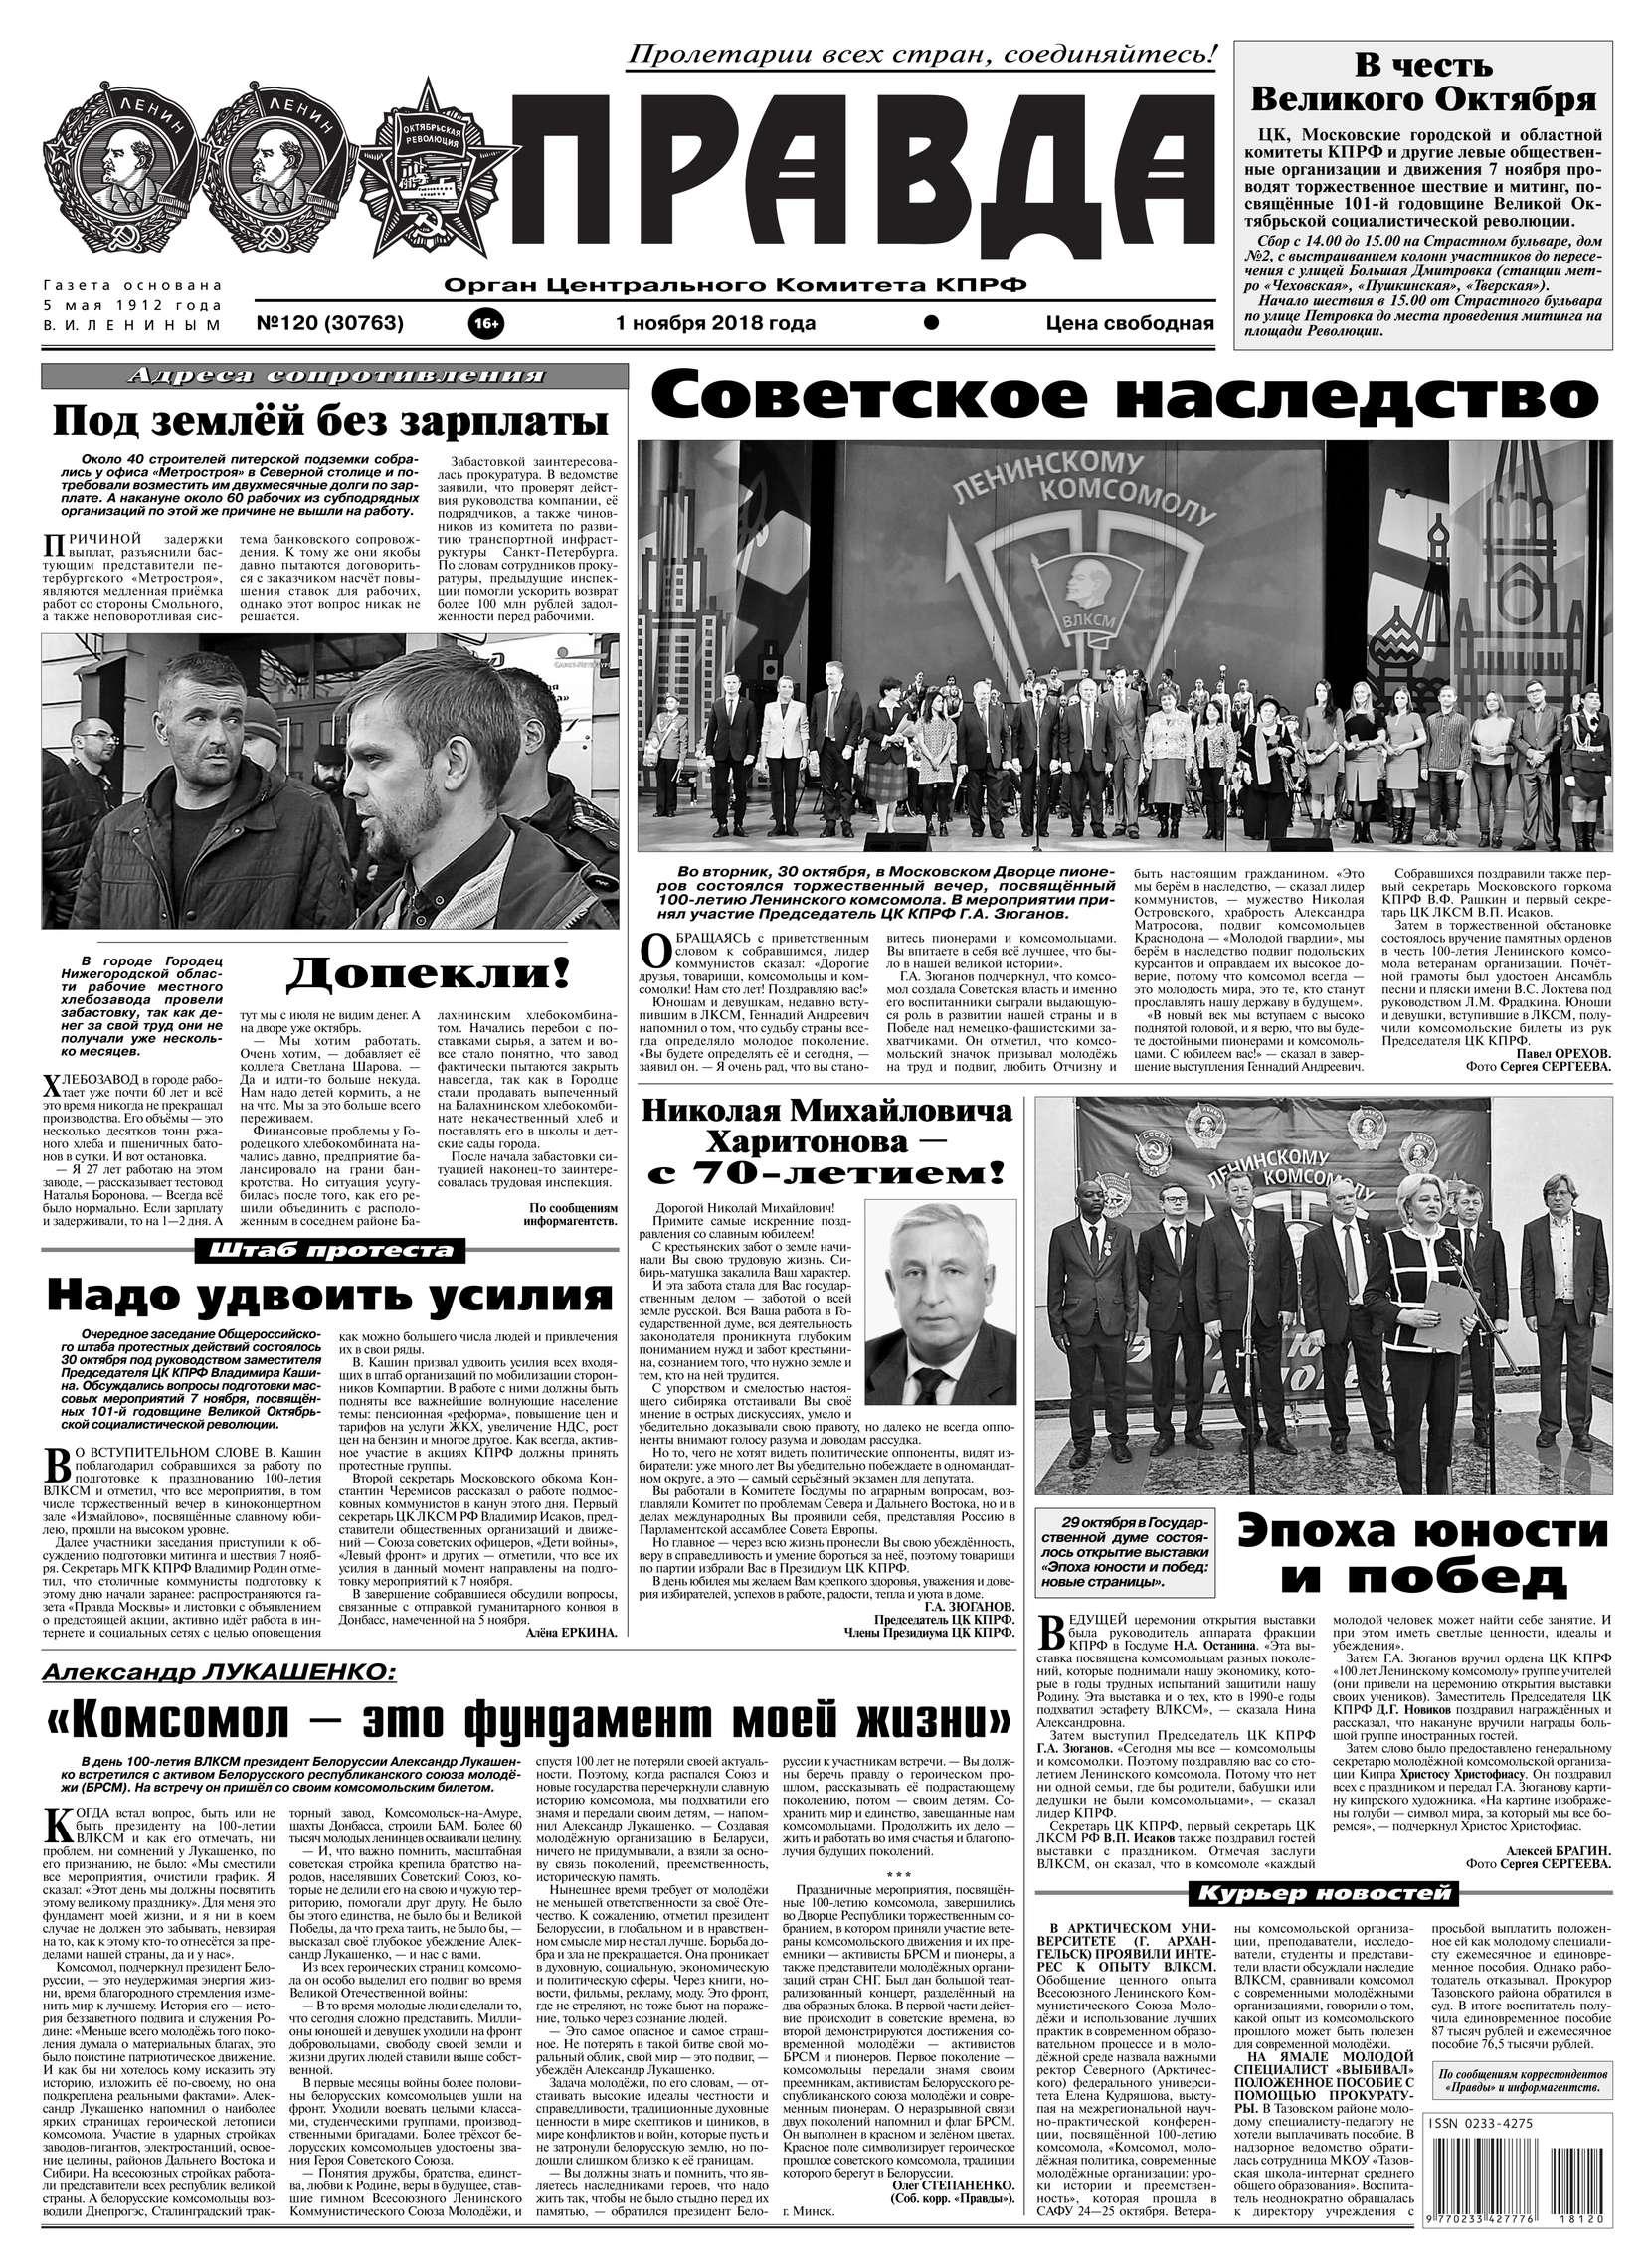 Редакция газеты Правда Правда 120-2018 редакция газеты новая газета новая газета 130 11 2012